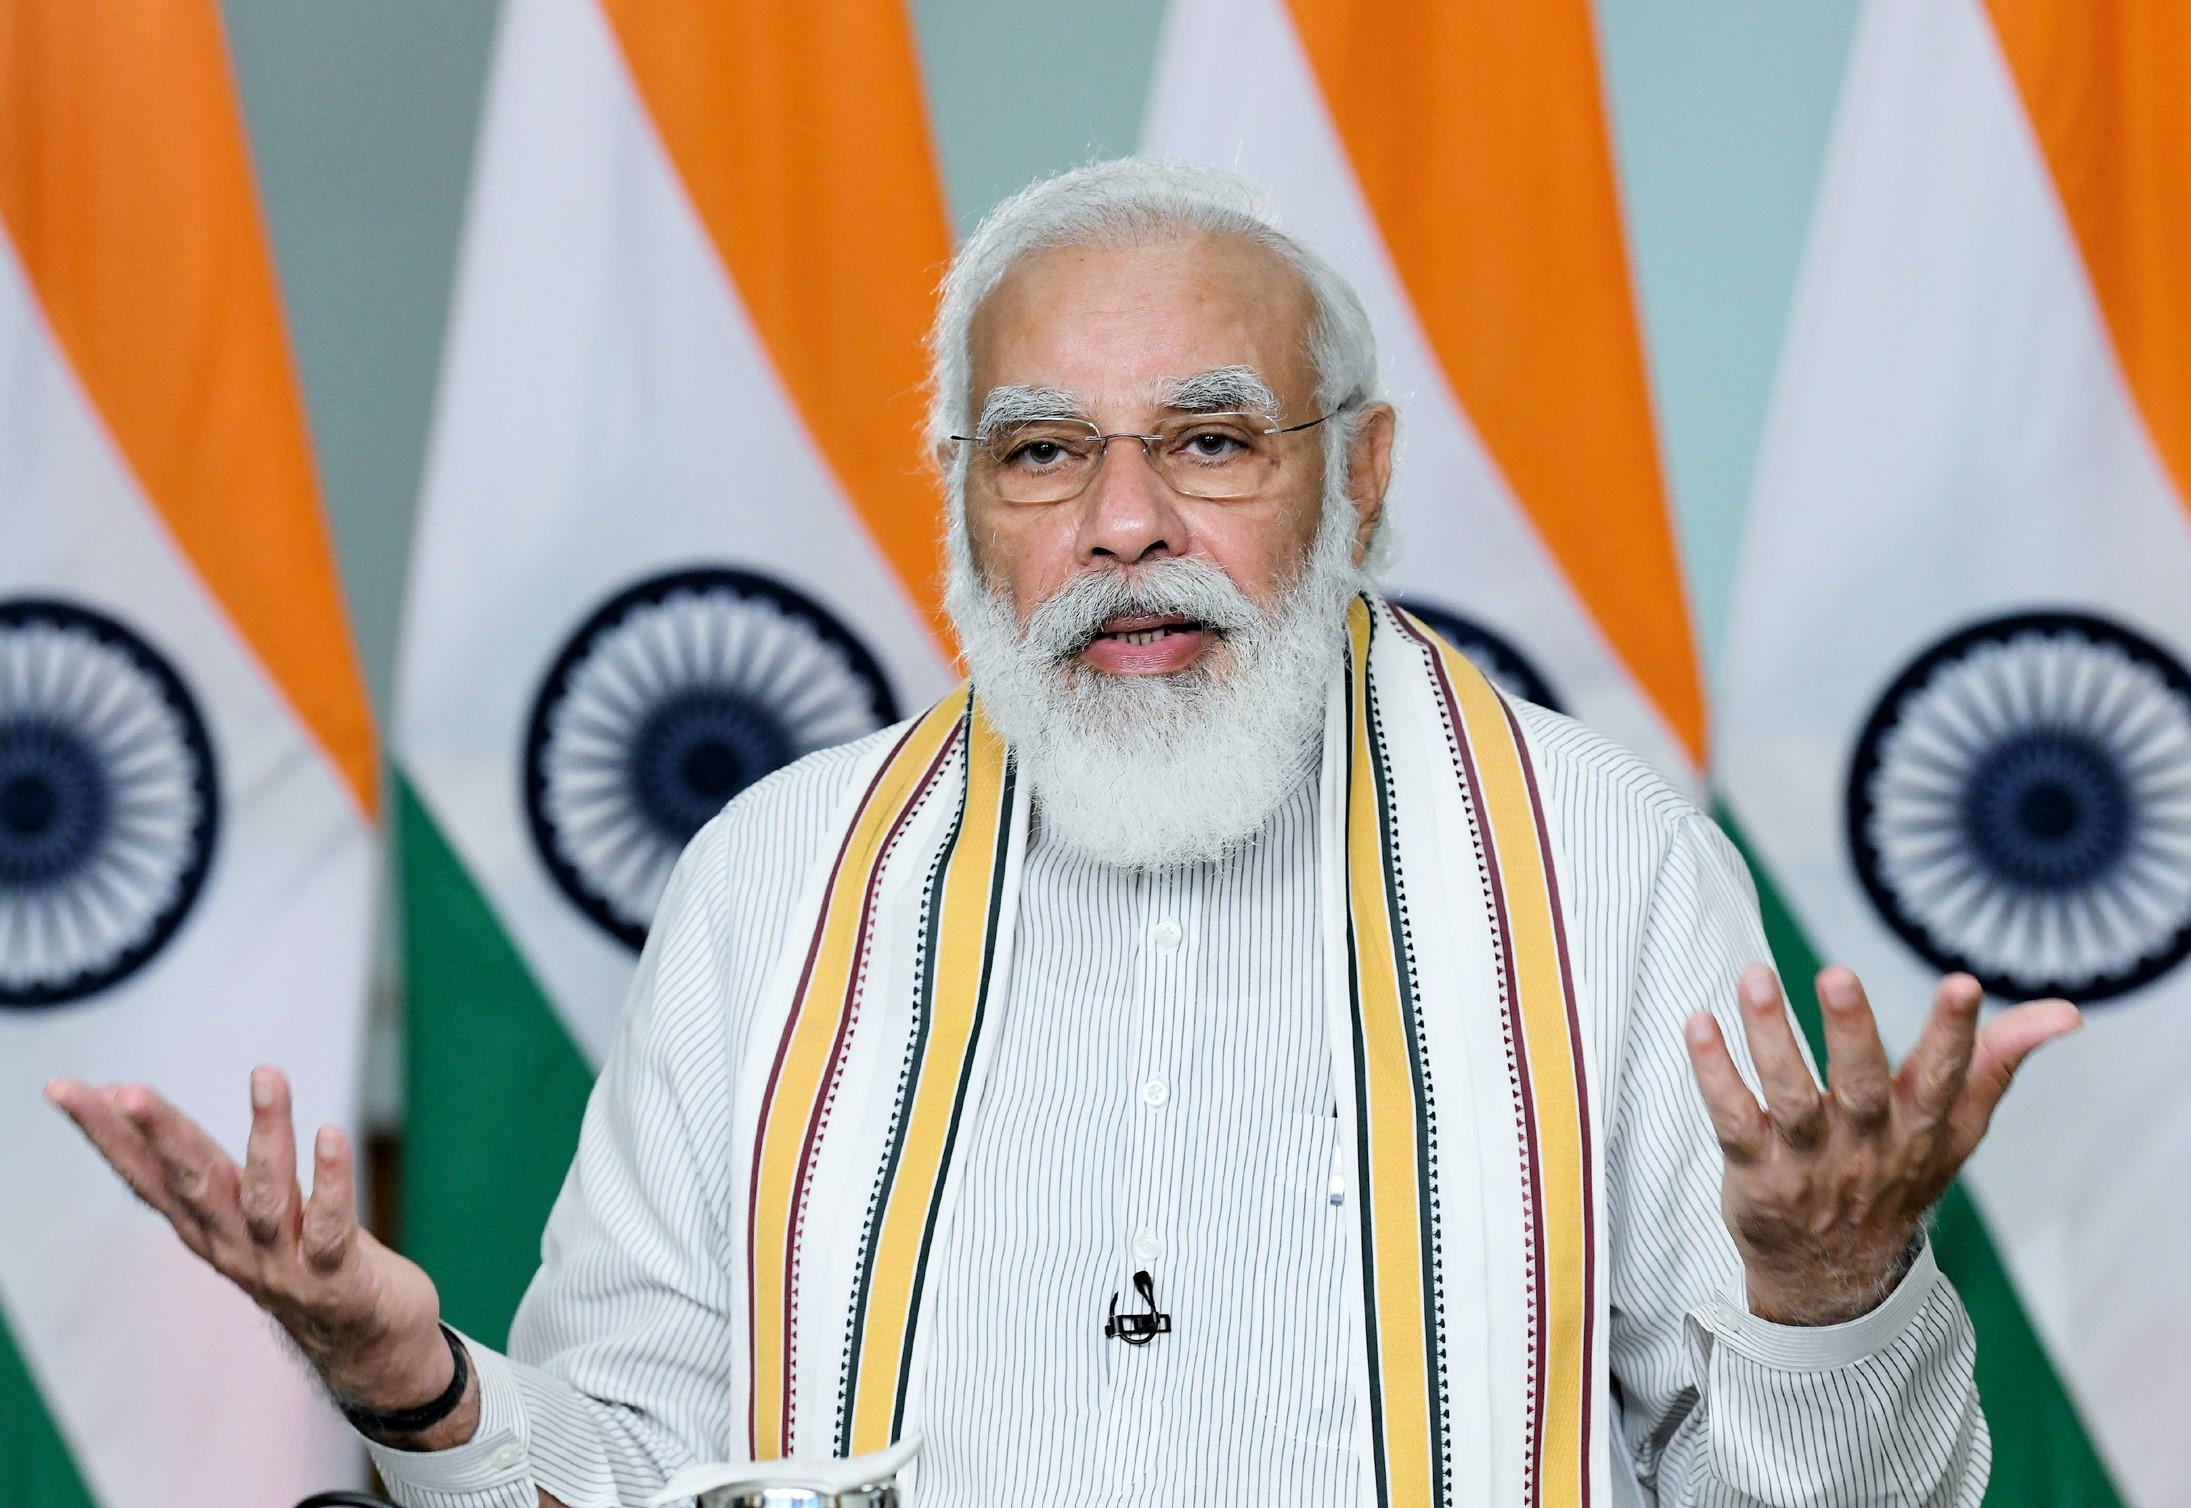 وزیر اعظم نریندر مودی(فوٹوبہ شکریہ: پی آئی بی)